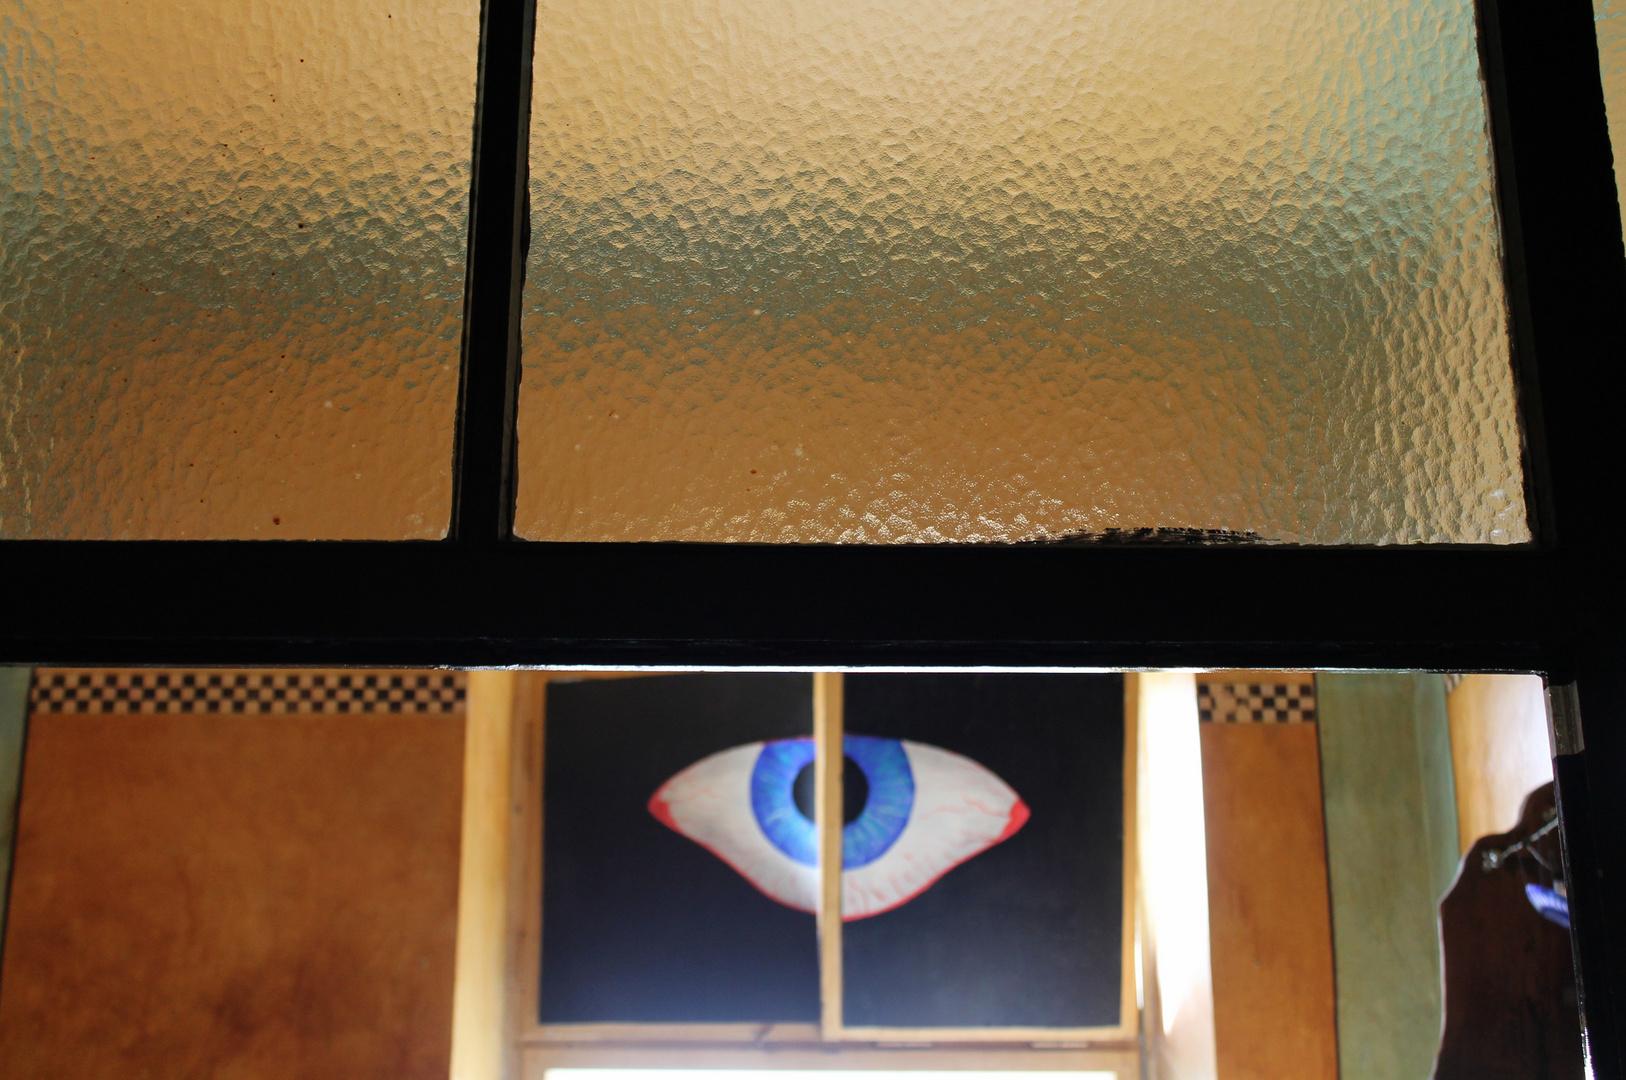 Butterflyeye - Bild in einer ehemaligen Künstlerkneipe in einem Bahnhofsgebäude